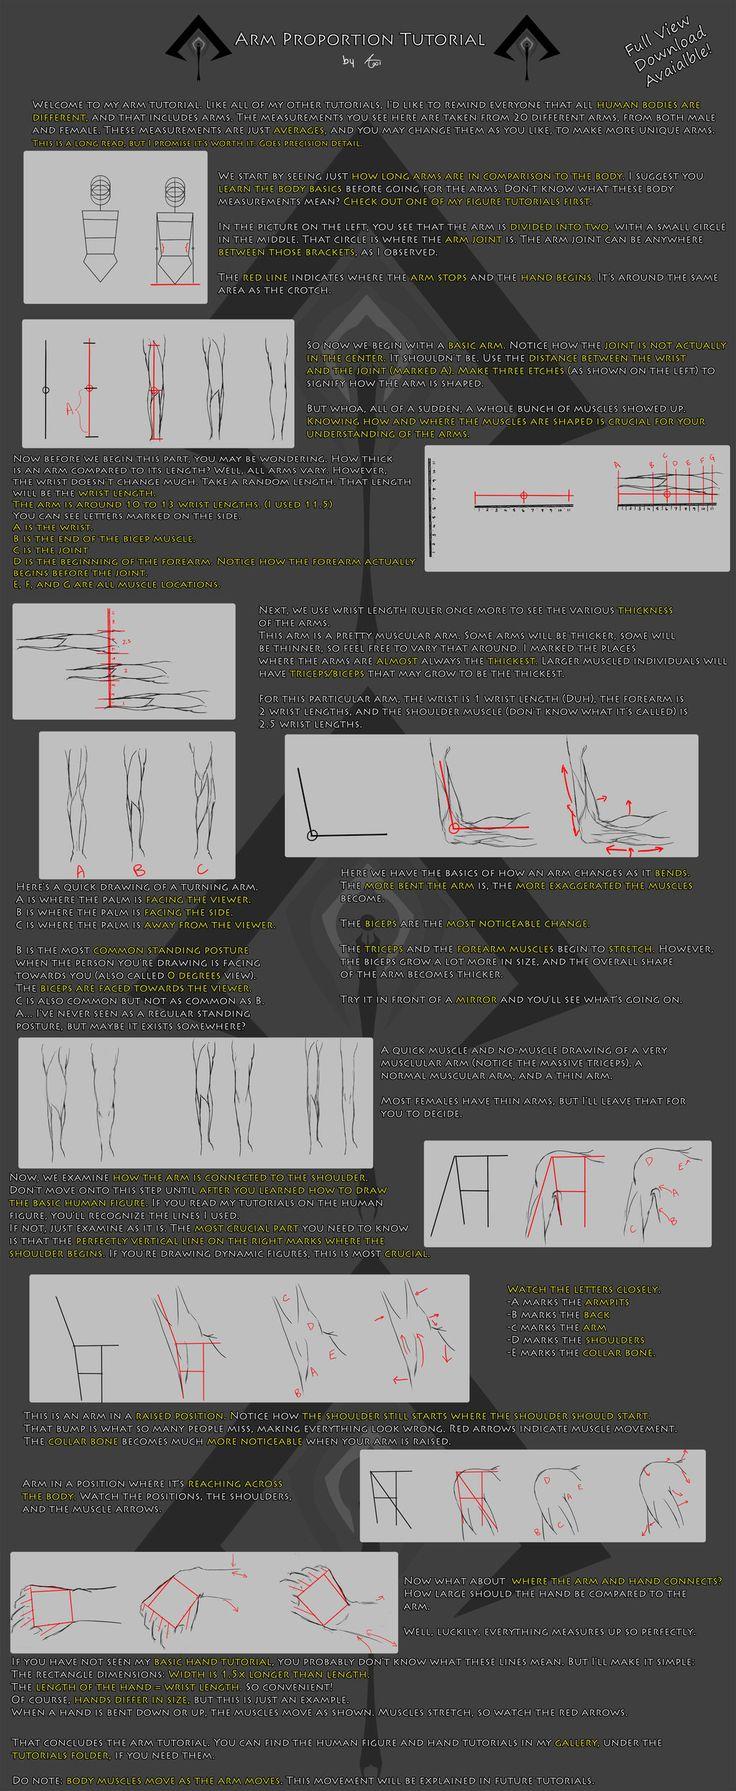 Arm Anatomy Tutorial by Jeff-H on deviantART